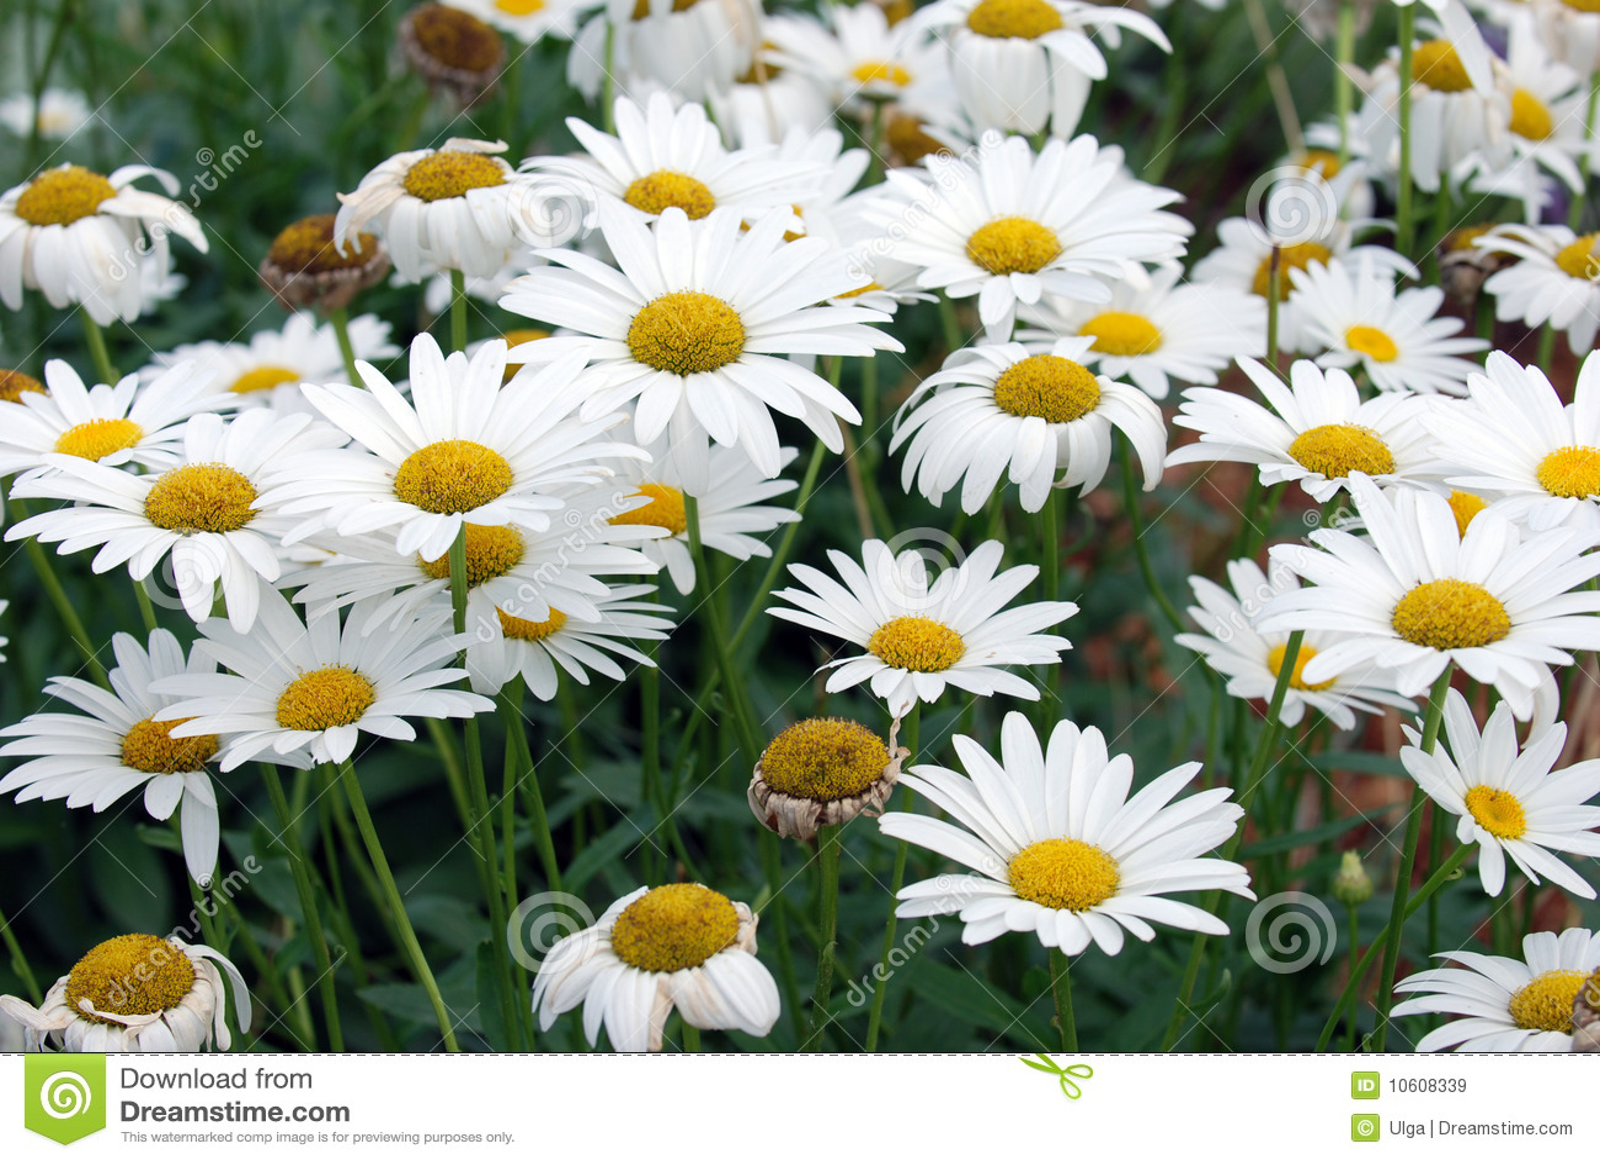 Tumblr Flowers Daisy Comousar